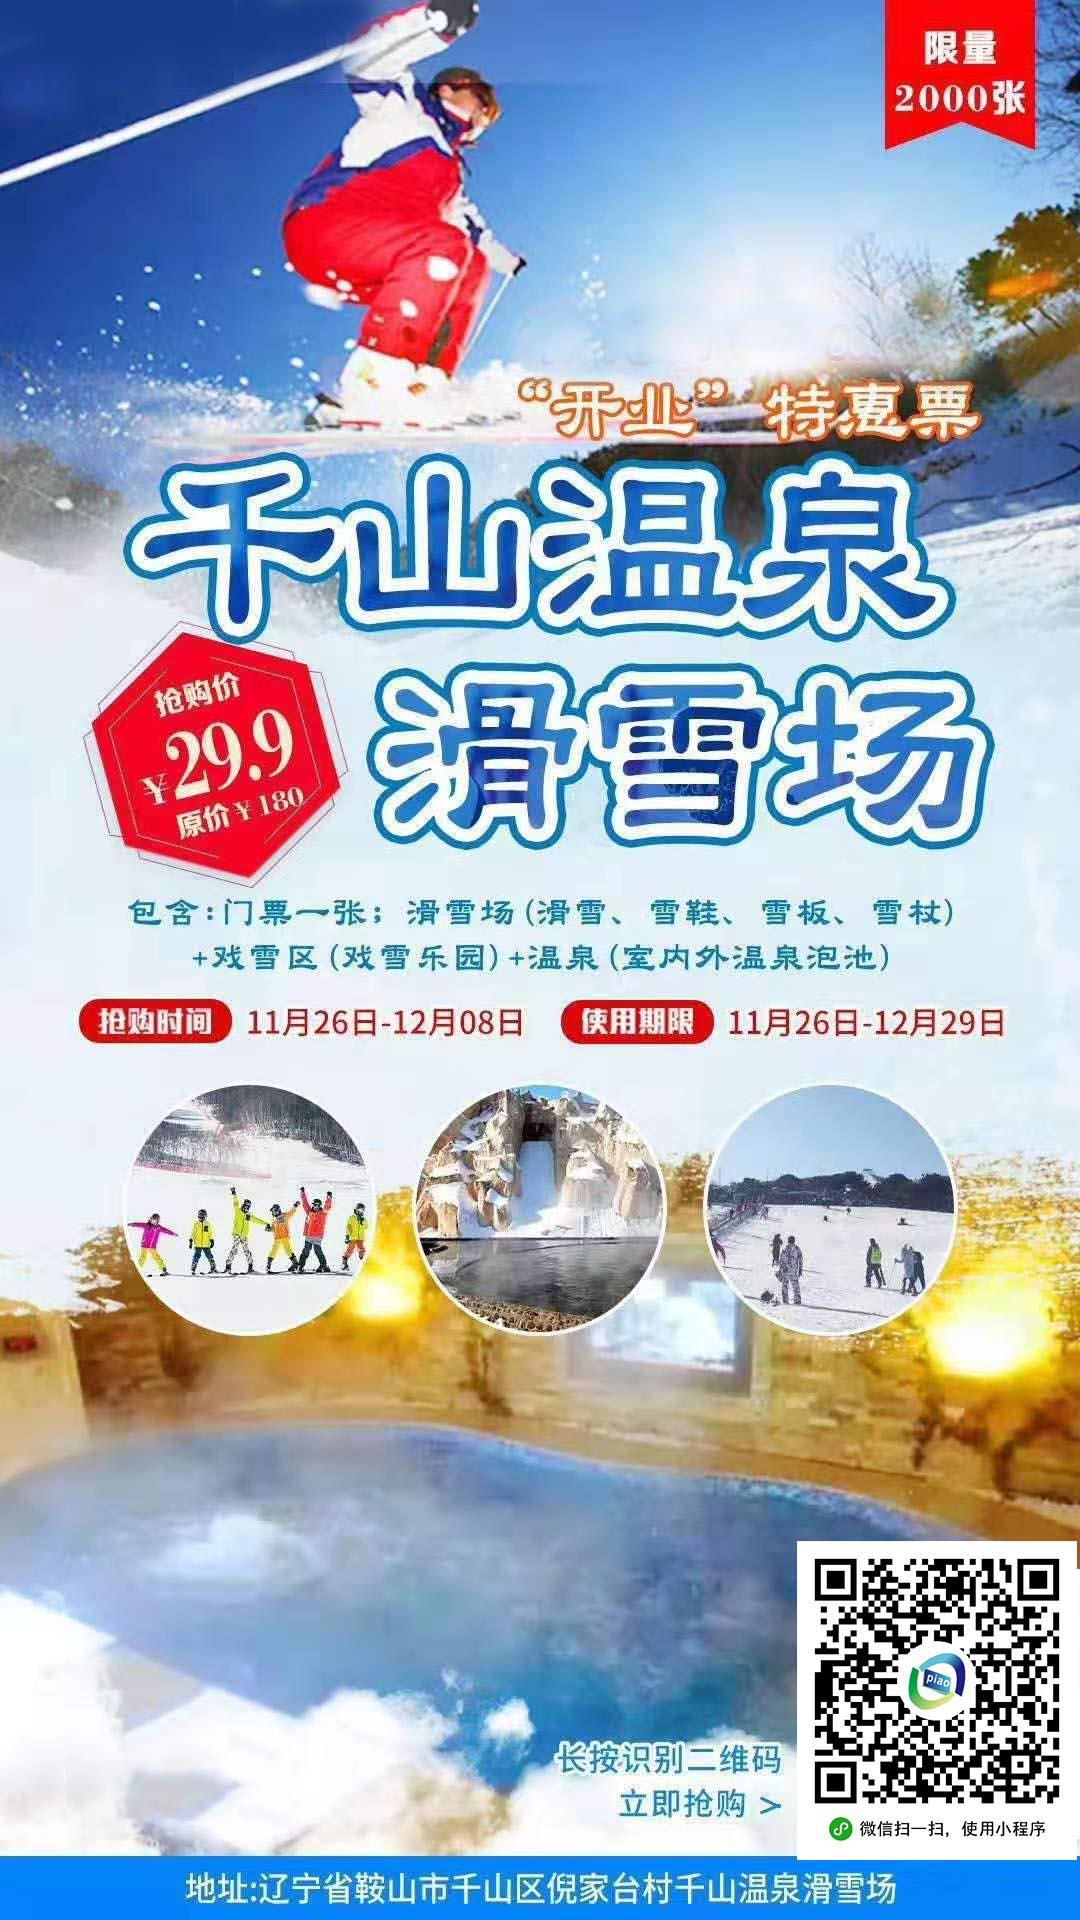 全城疯抢!千山温泉滑雪场特价票29.9元!